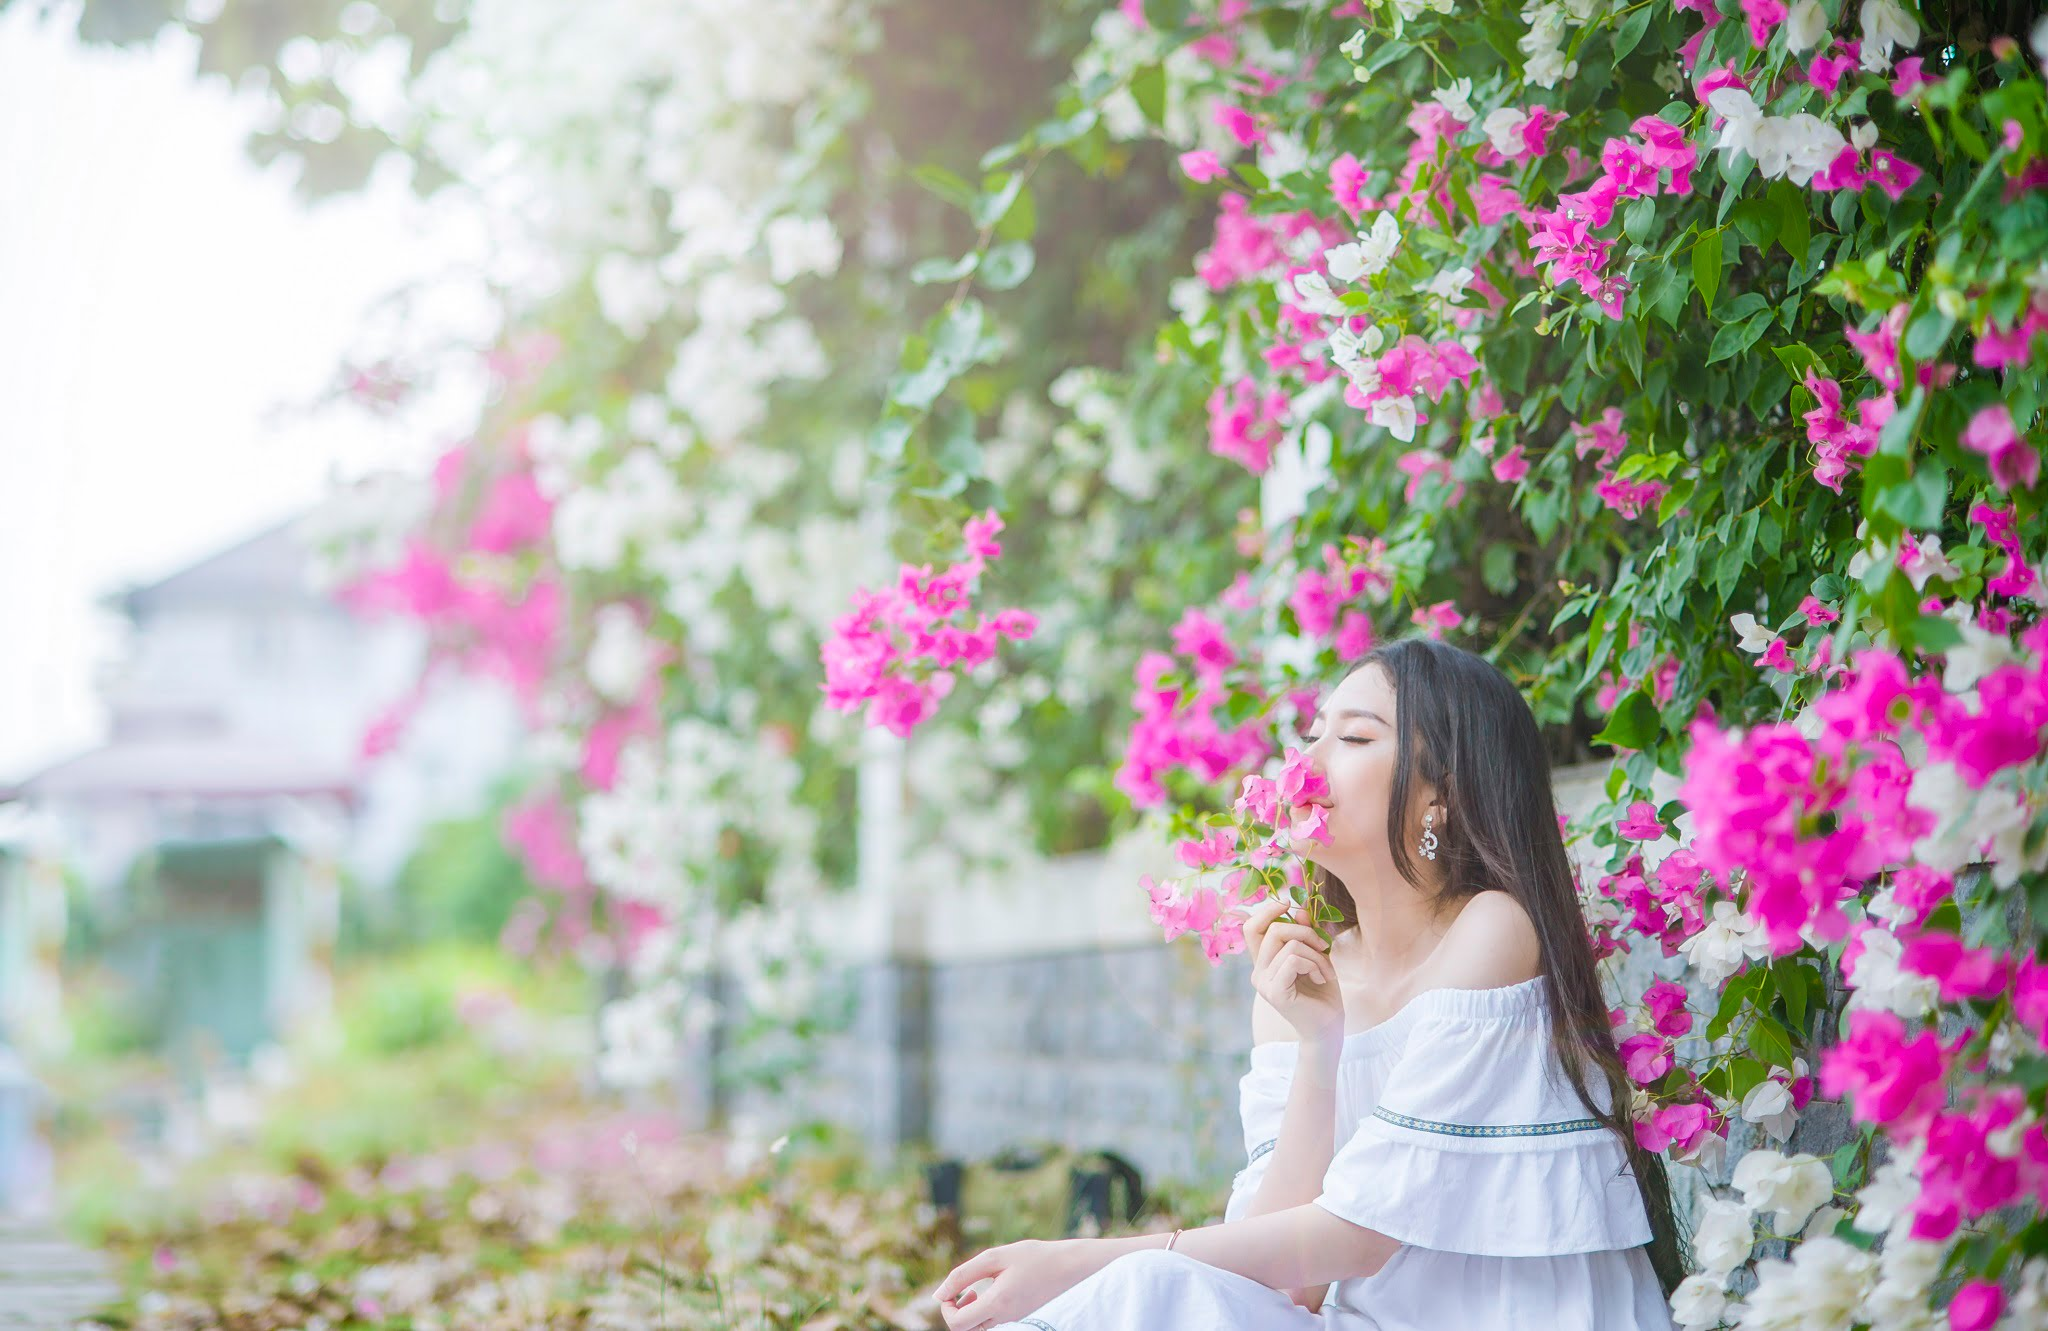 anh chup hoa giay 12 - Ảnh chụp với hoa giấy quận 2 - Huỳnh Như